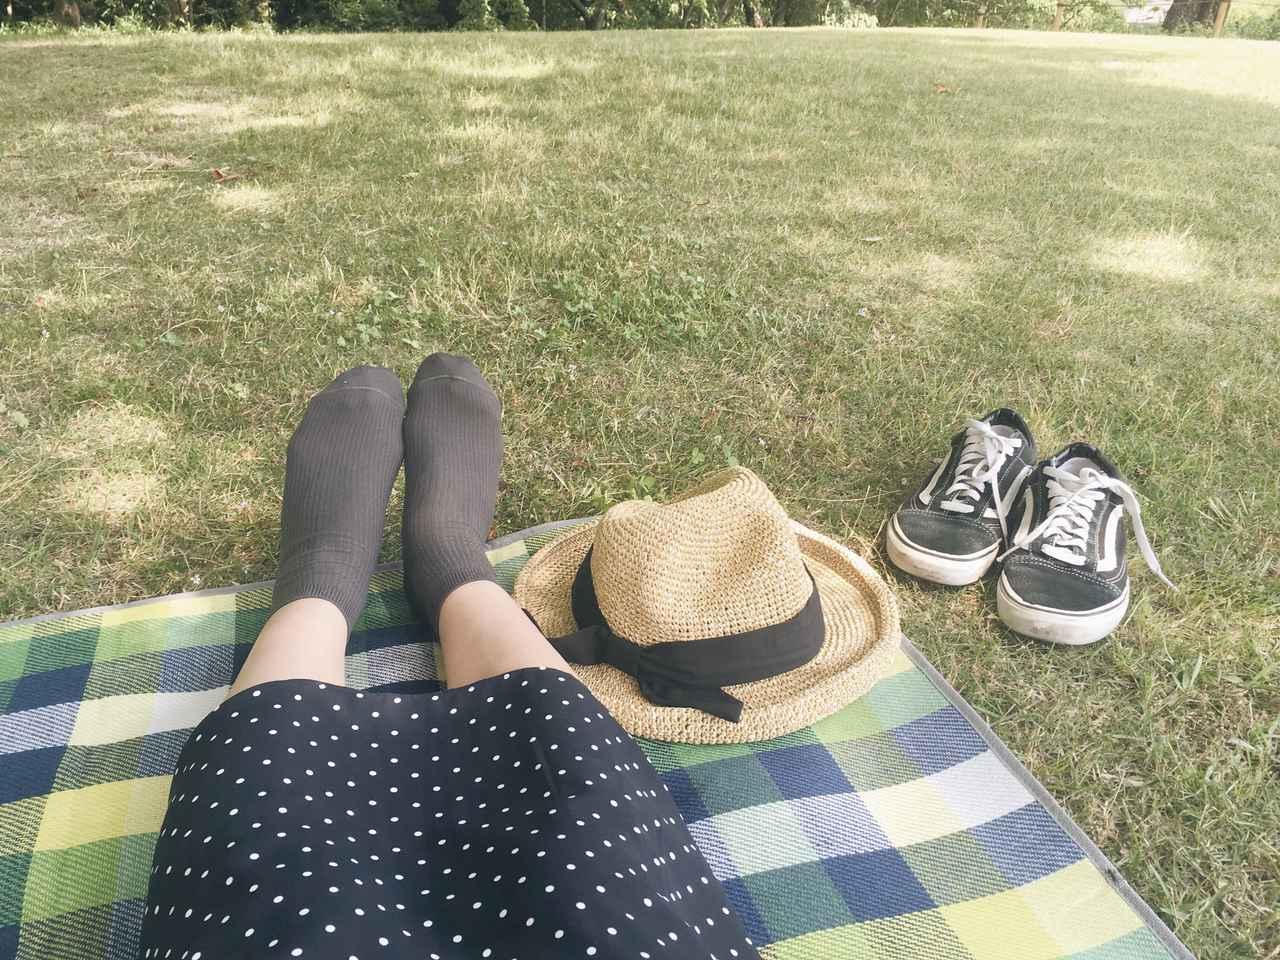 画像: コールマンやロゴスの厚手レジャーシート4選 ピクニックやデイキャンプにおすすめ - ハピキャン(HAPPY CAMPER)